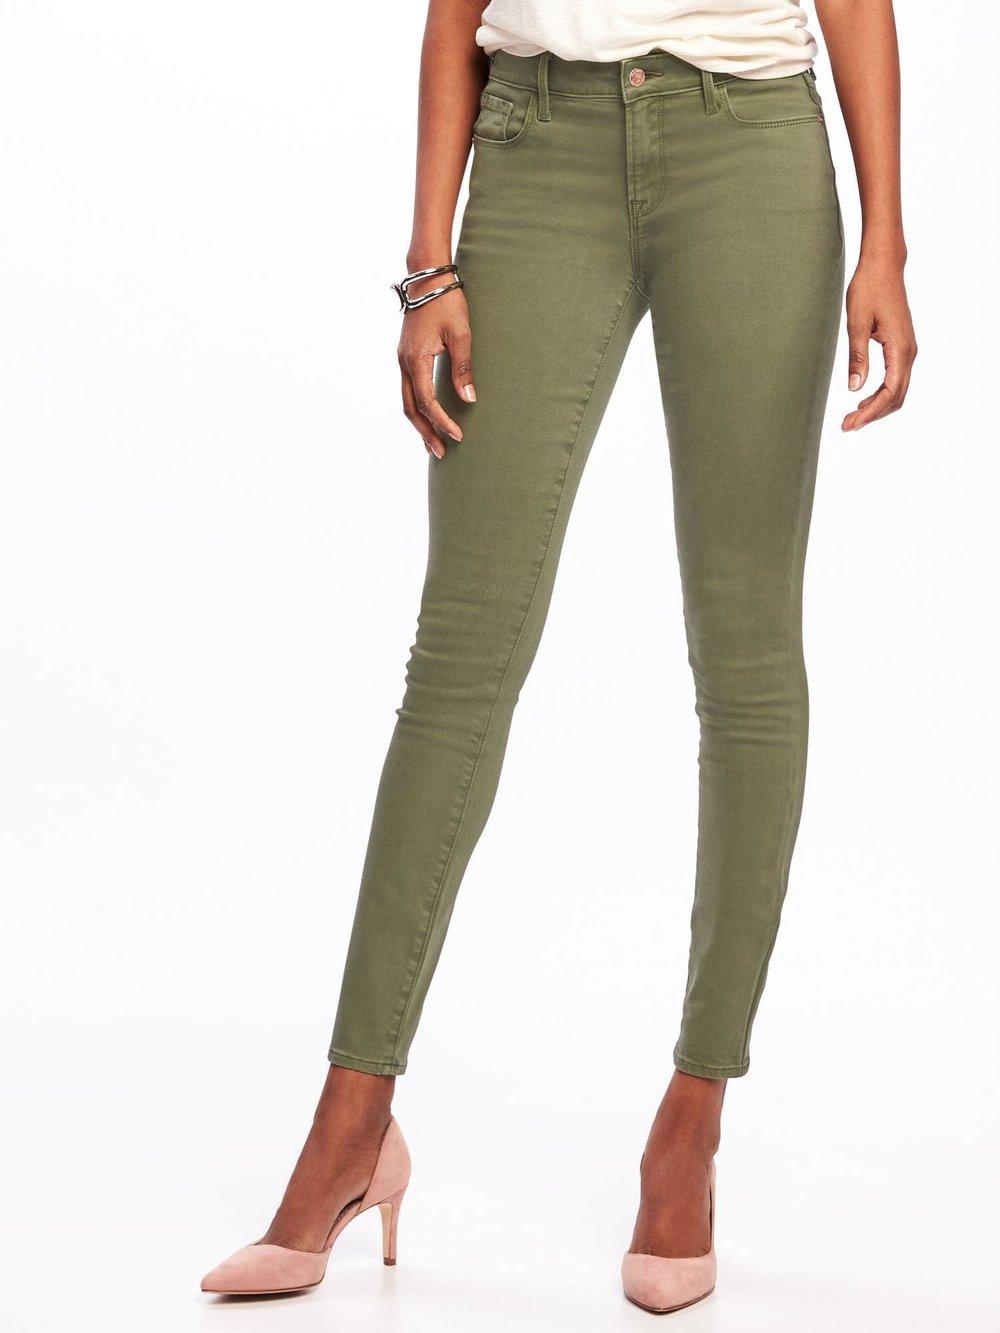 pants 2.jpg